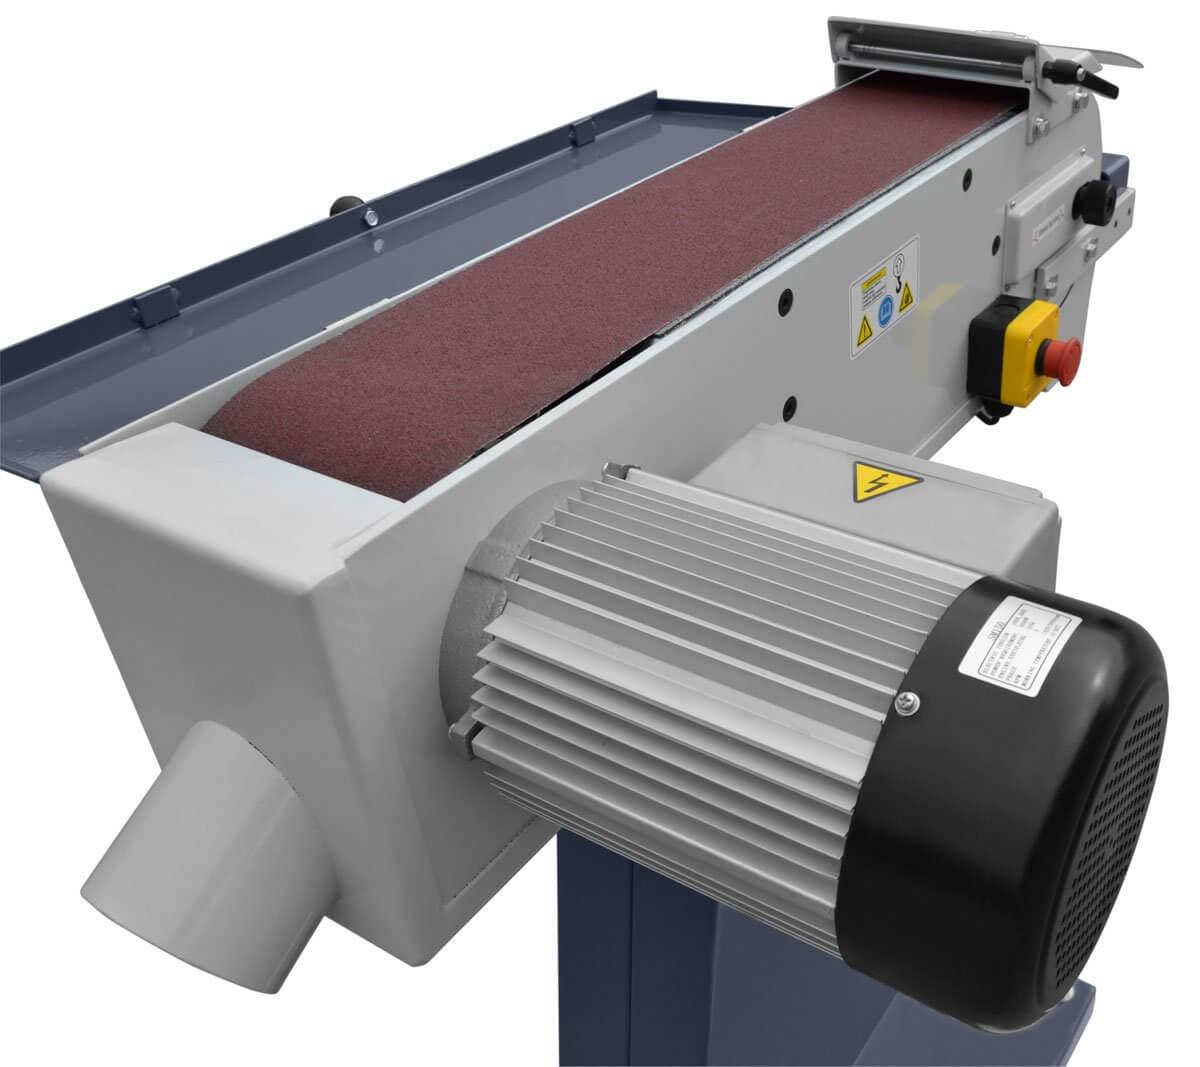 Lijadora-correa-universal-S-150-GAMA-MC-para-talleres-mantenimiento-carpinteria-estructura-metalica-02